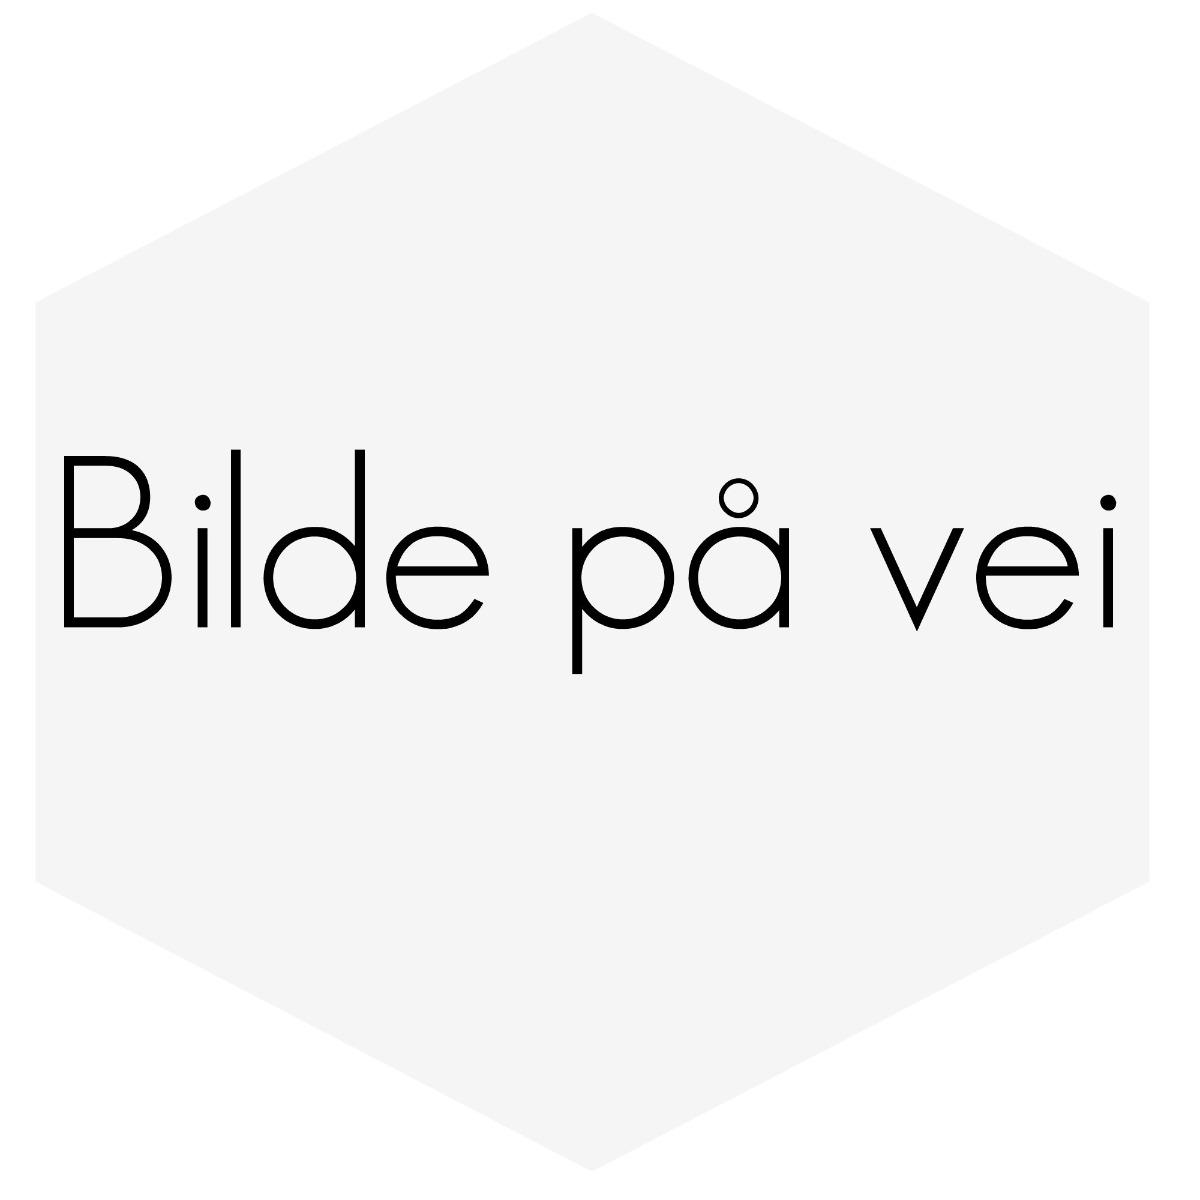 INSTRUMENT PROSPORT-S 60MM LAMBDA MÅLER MED LYDVARSLING